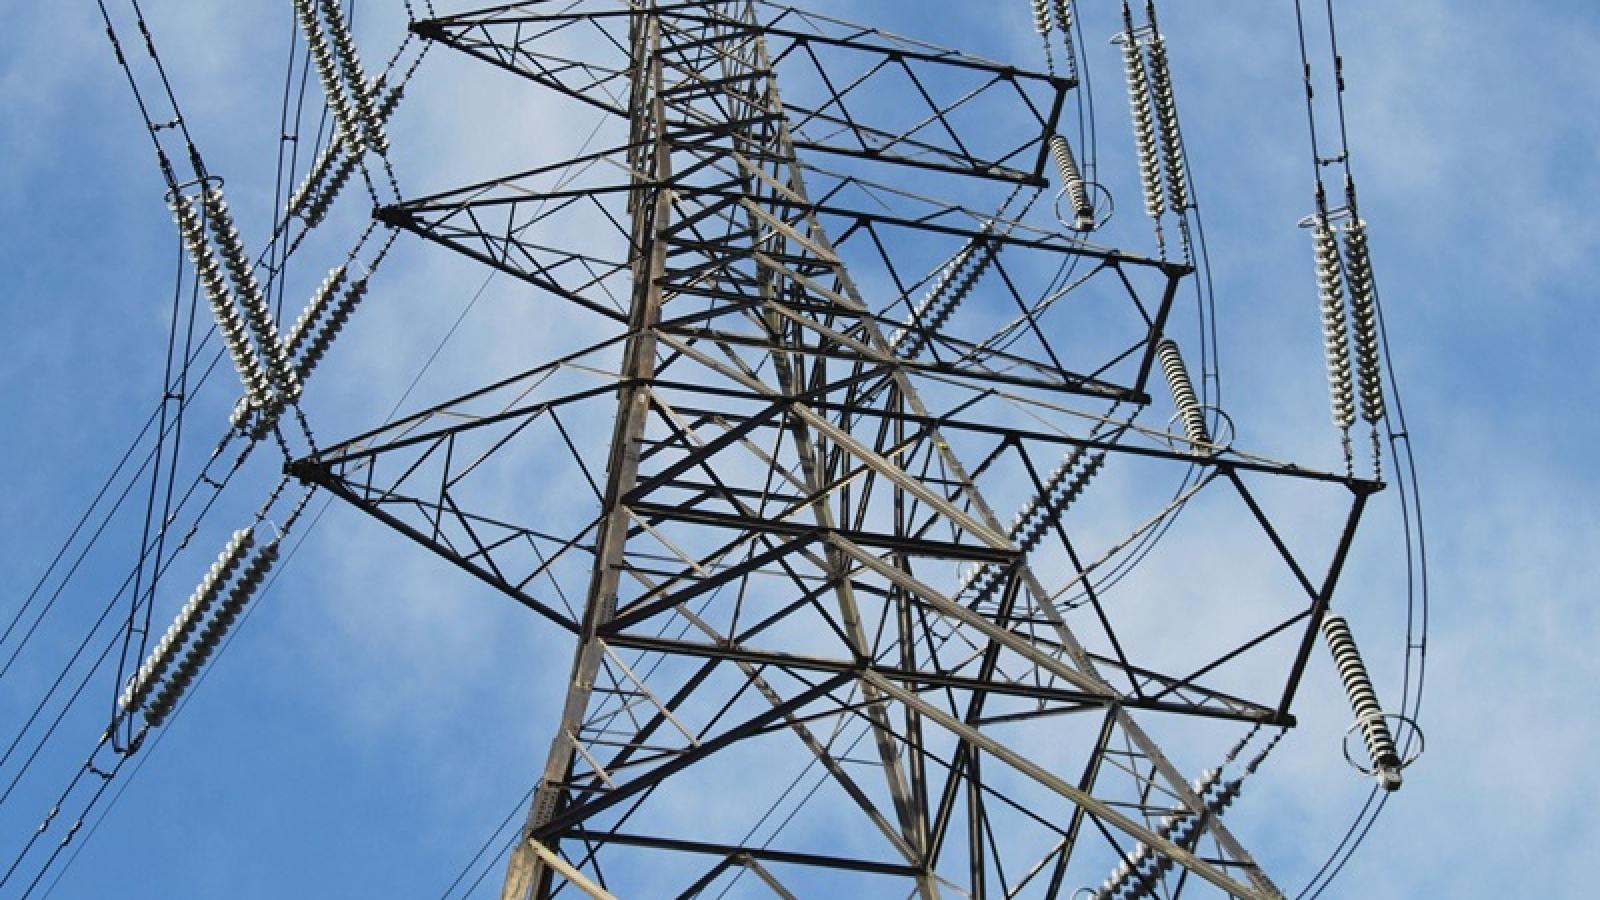 Campuchia tăng sản xuất điện từ khí tự nhiên